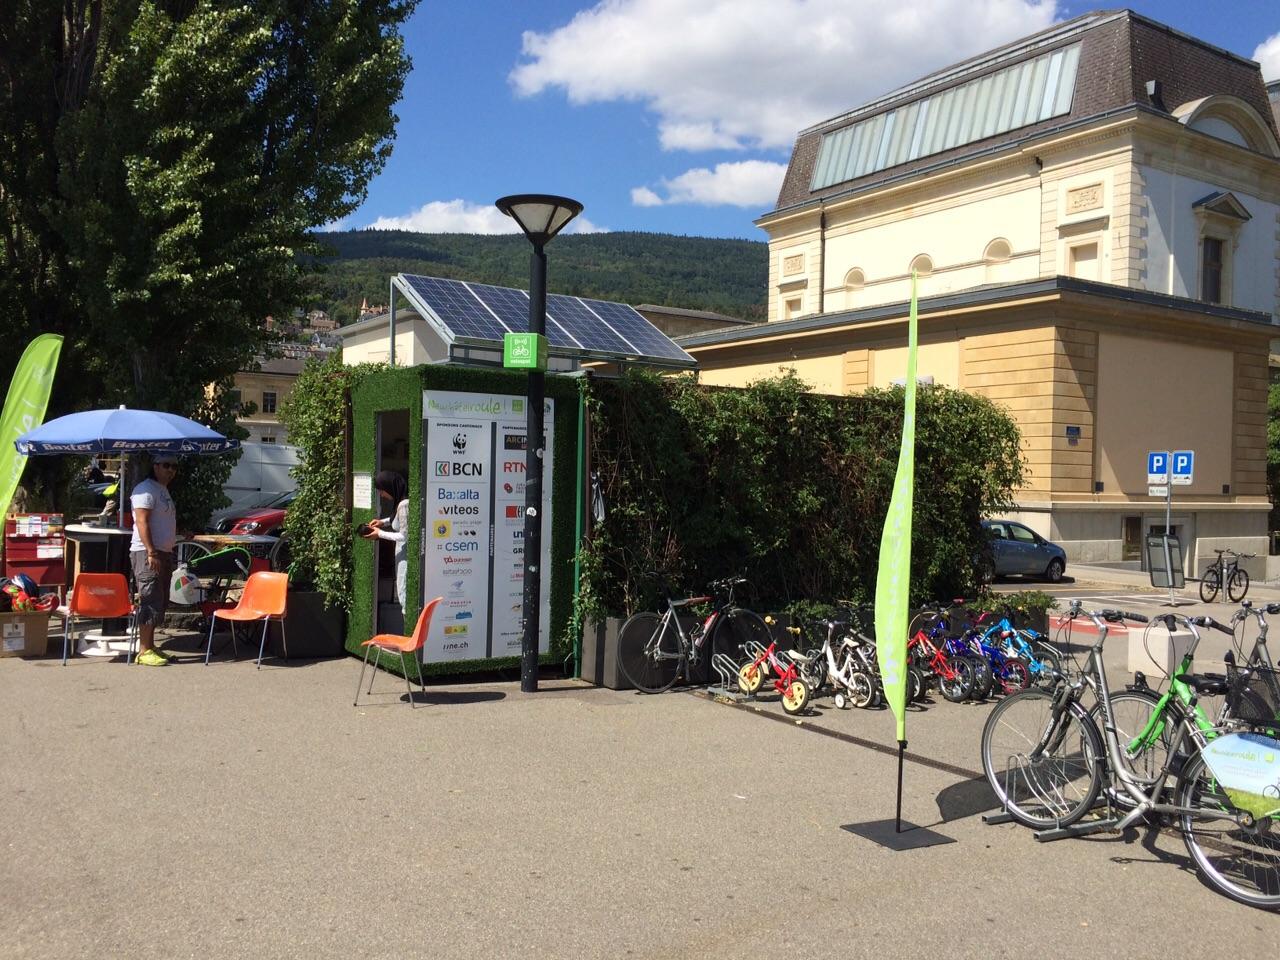 Mobilité douce accessible au plus grand nombre : l'exemple de Neuchâtel